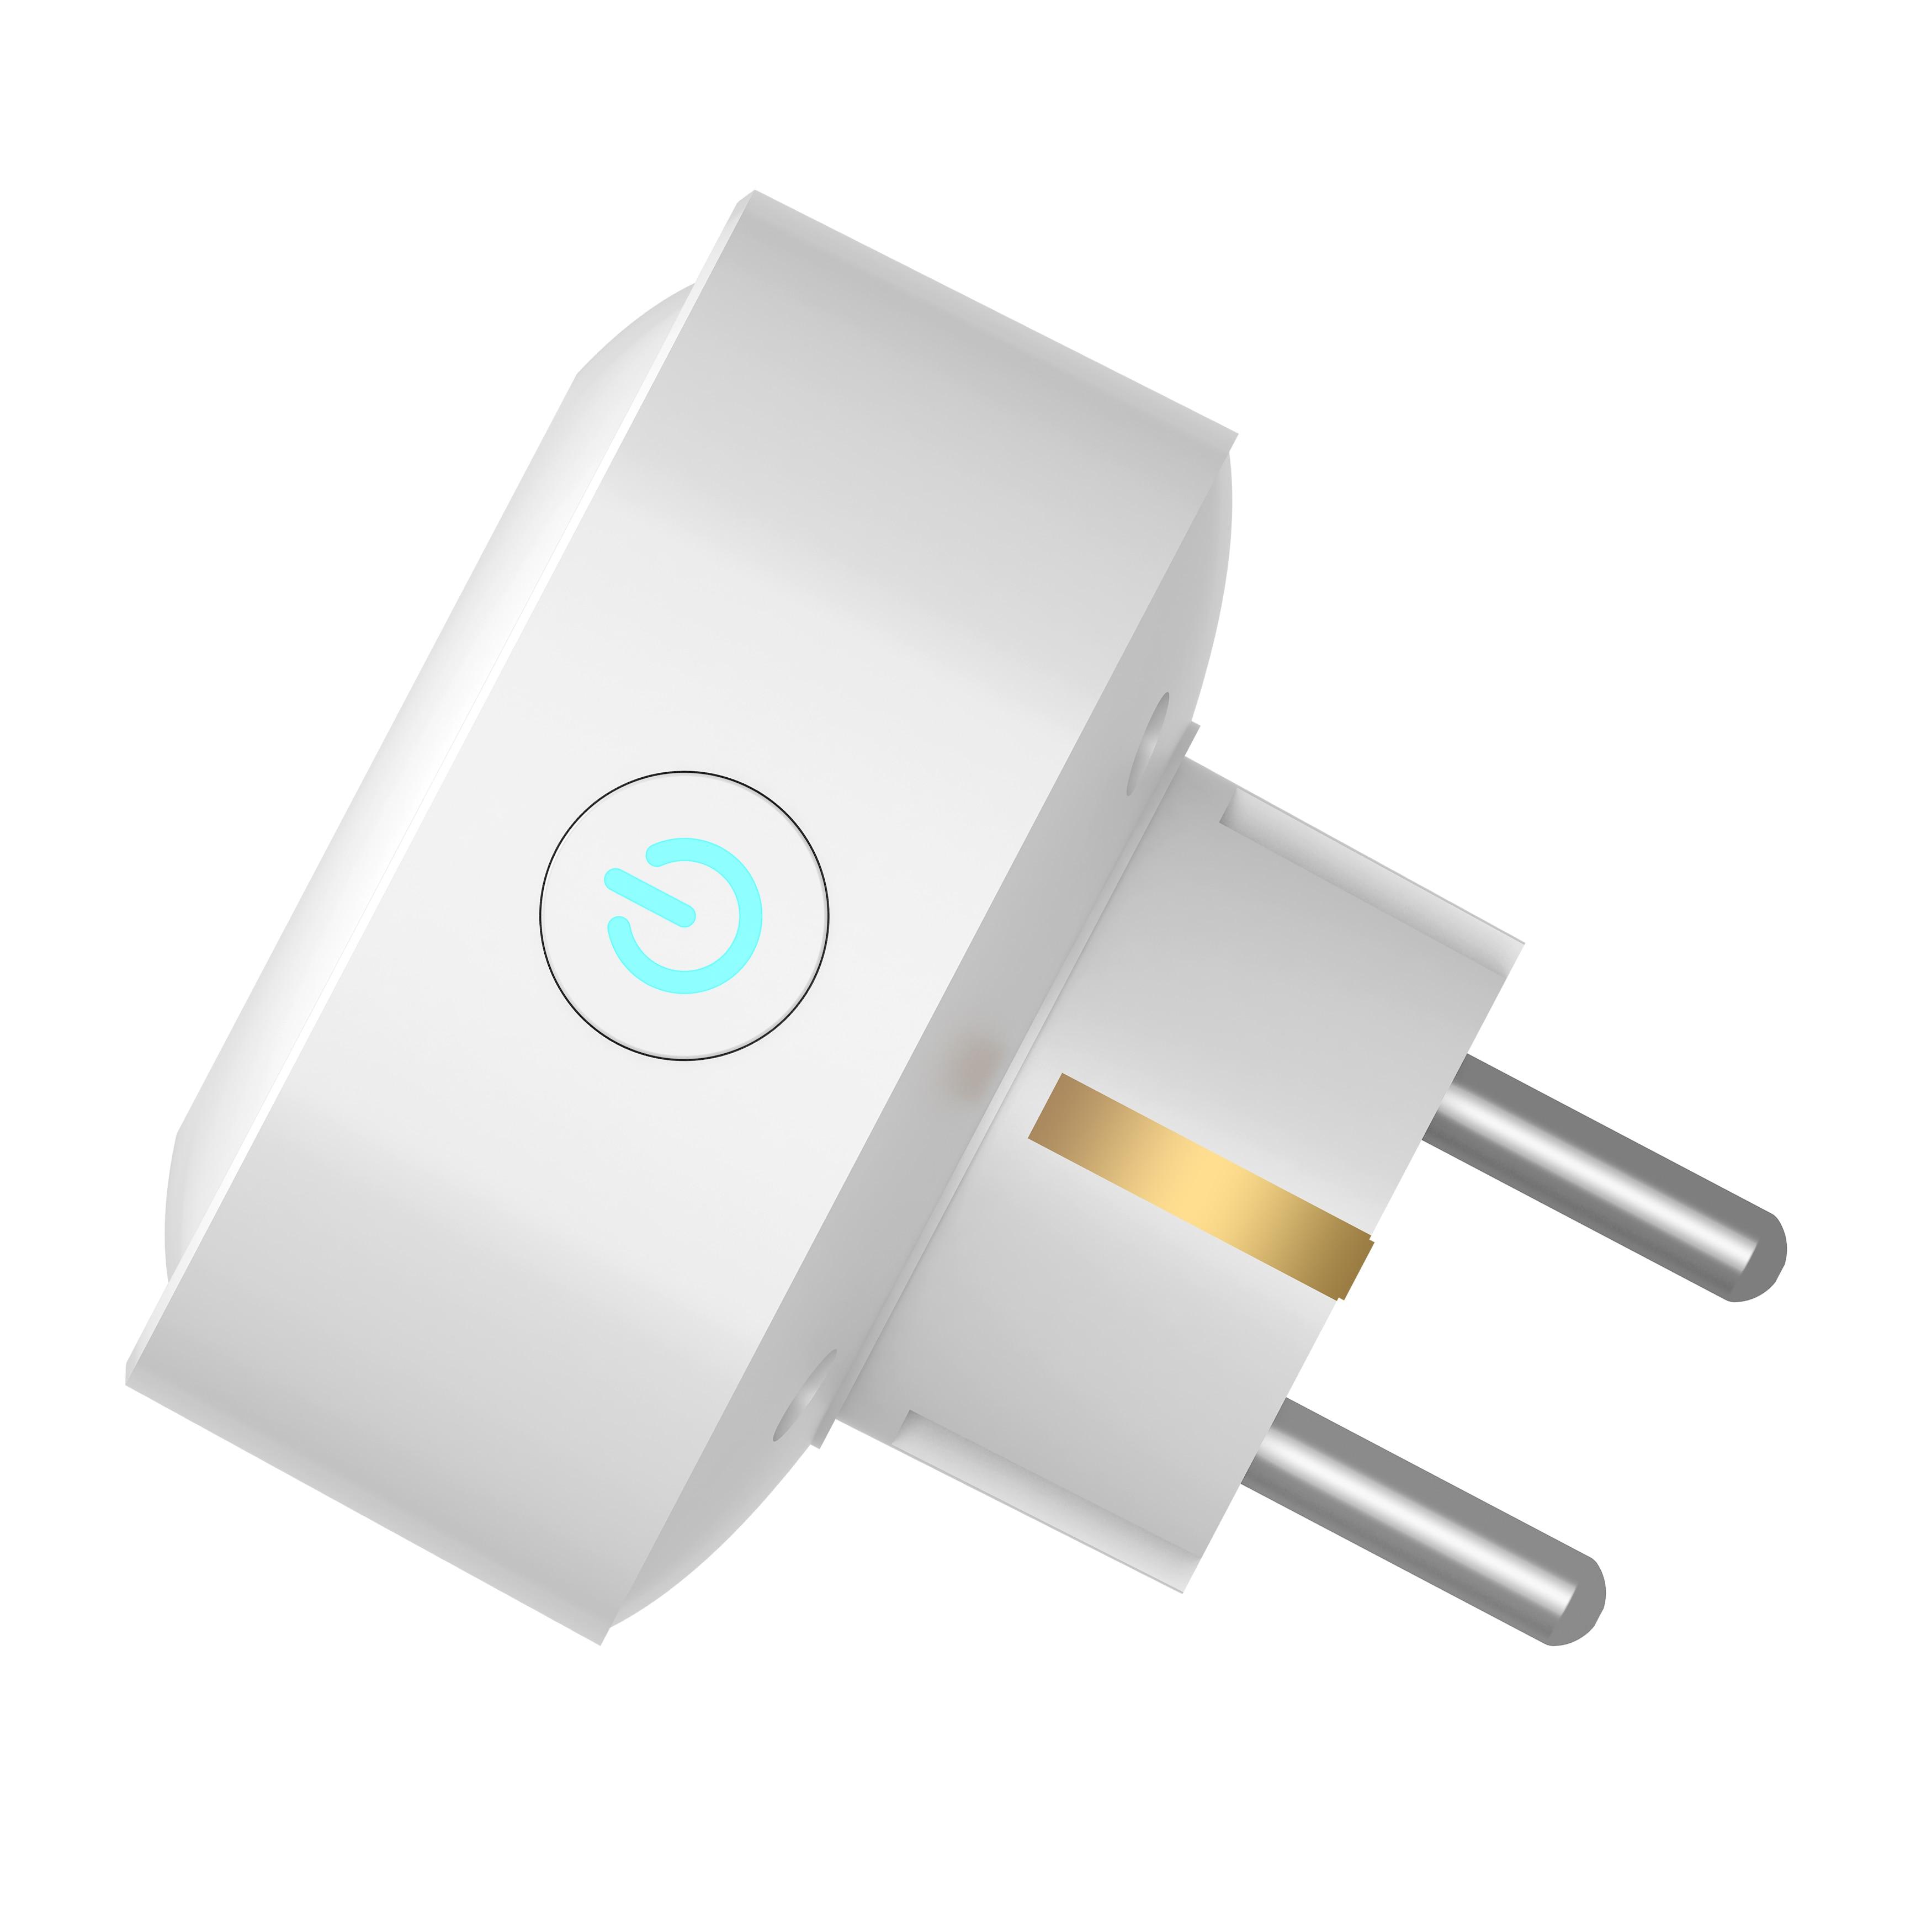 Gosund умная розетка электрическая wifi розетка 4 шт Упаковка enchufe inteligente испанская станция - 2